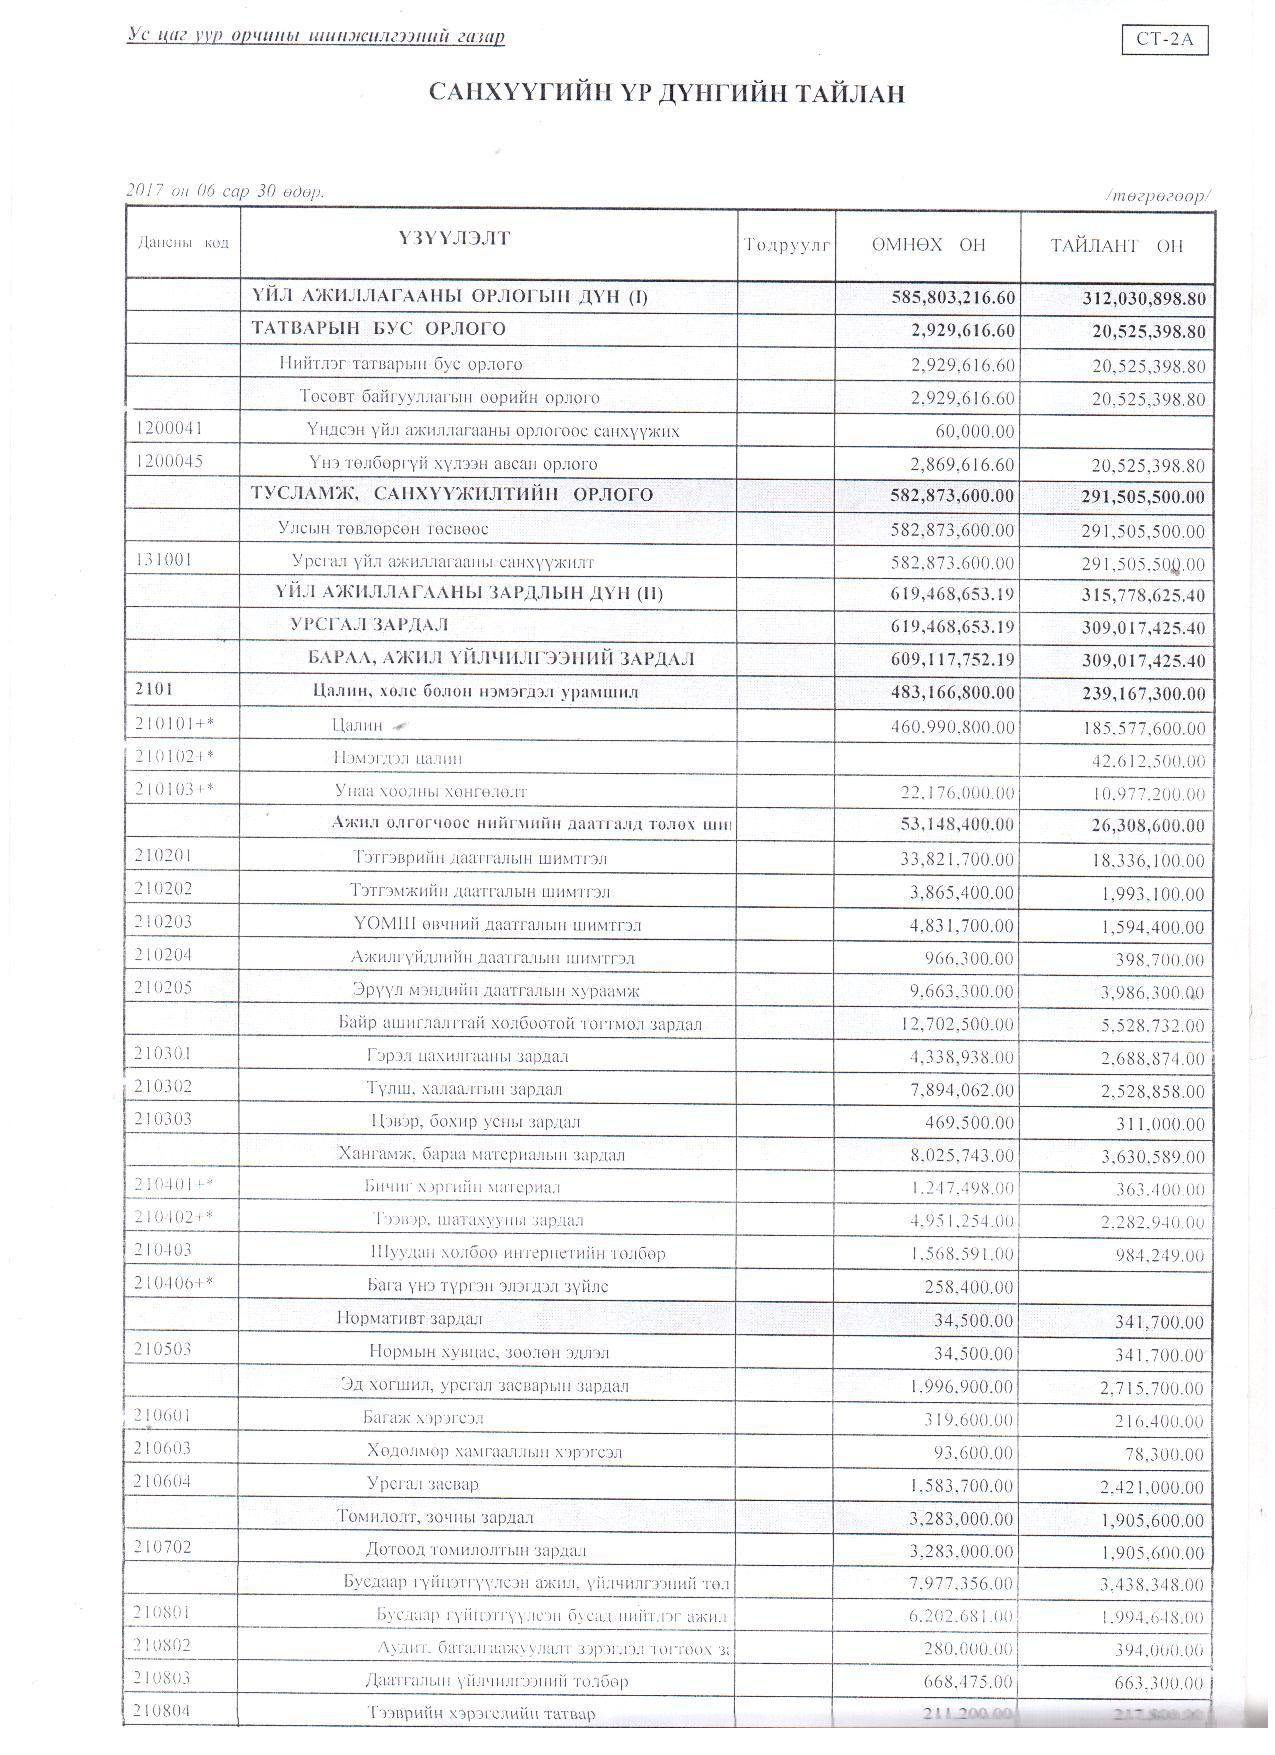 2017 оны хагас жилийн санхүүгийн тайлан 3